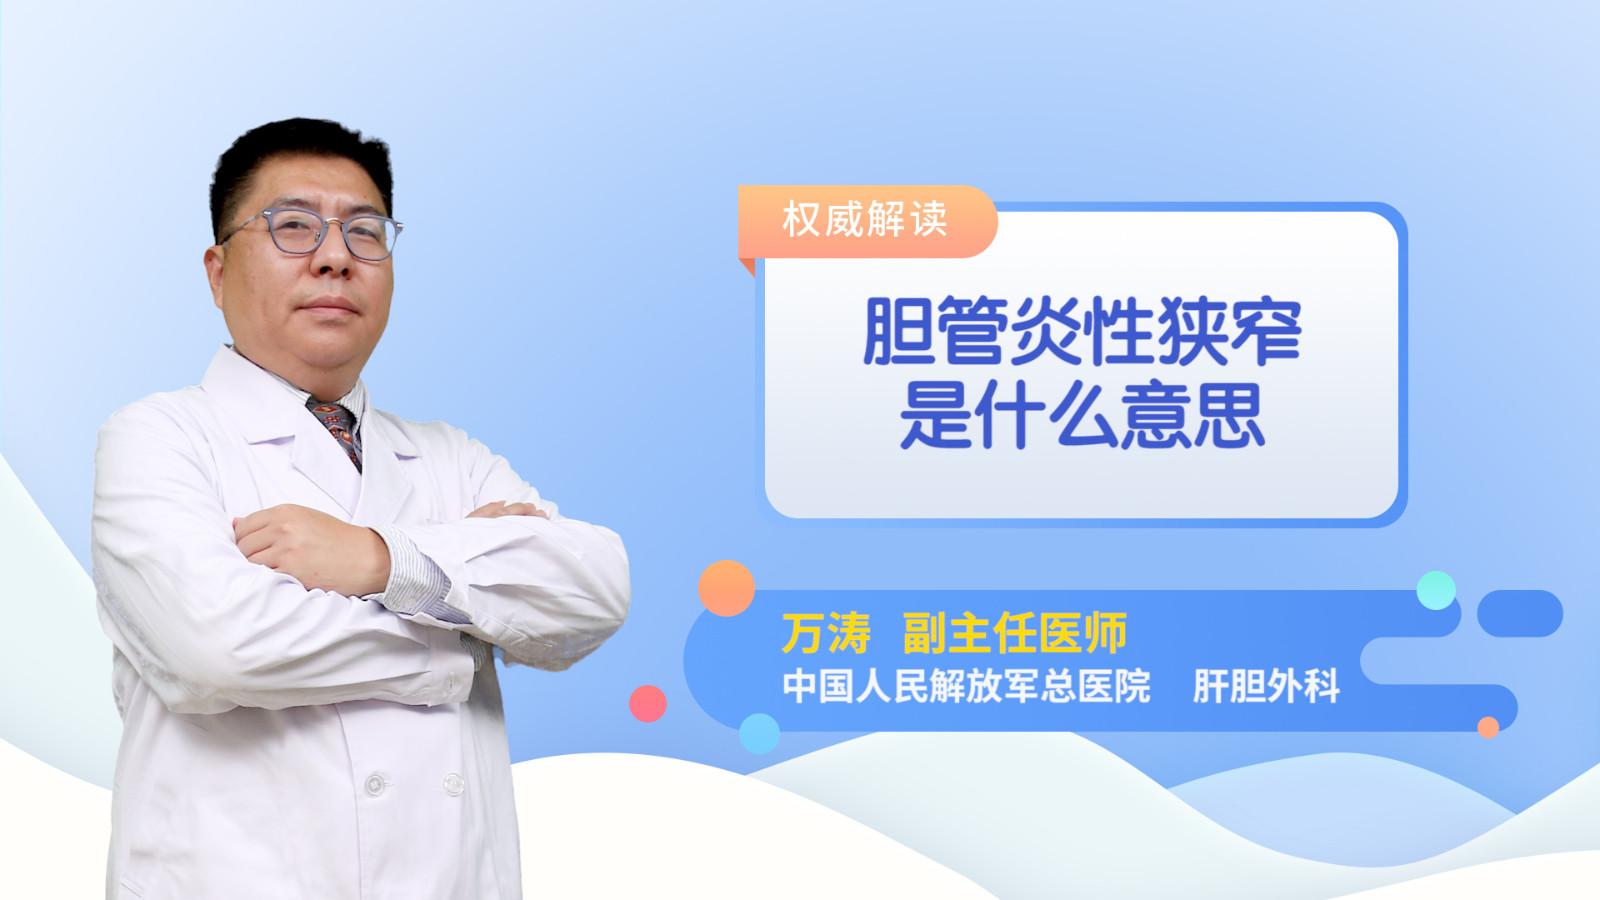 胆管炎性狭窄是什么意思